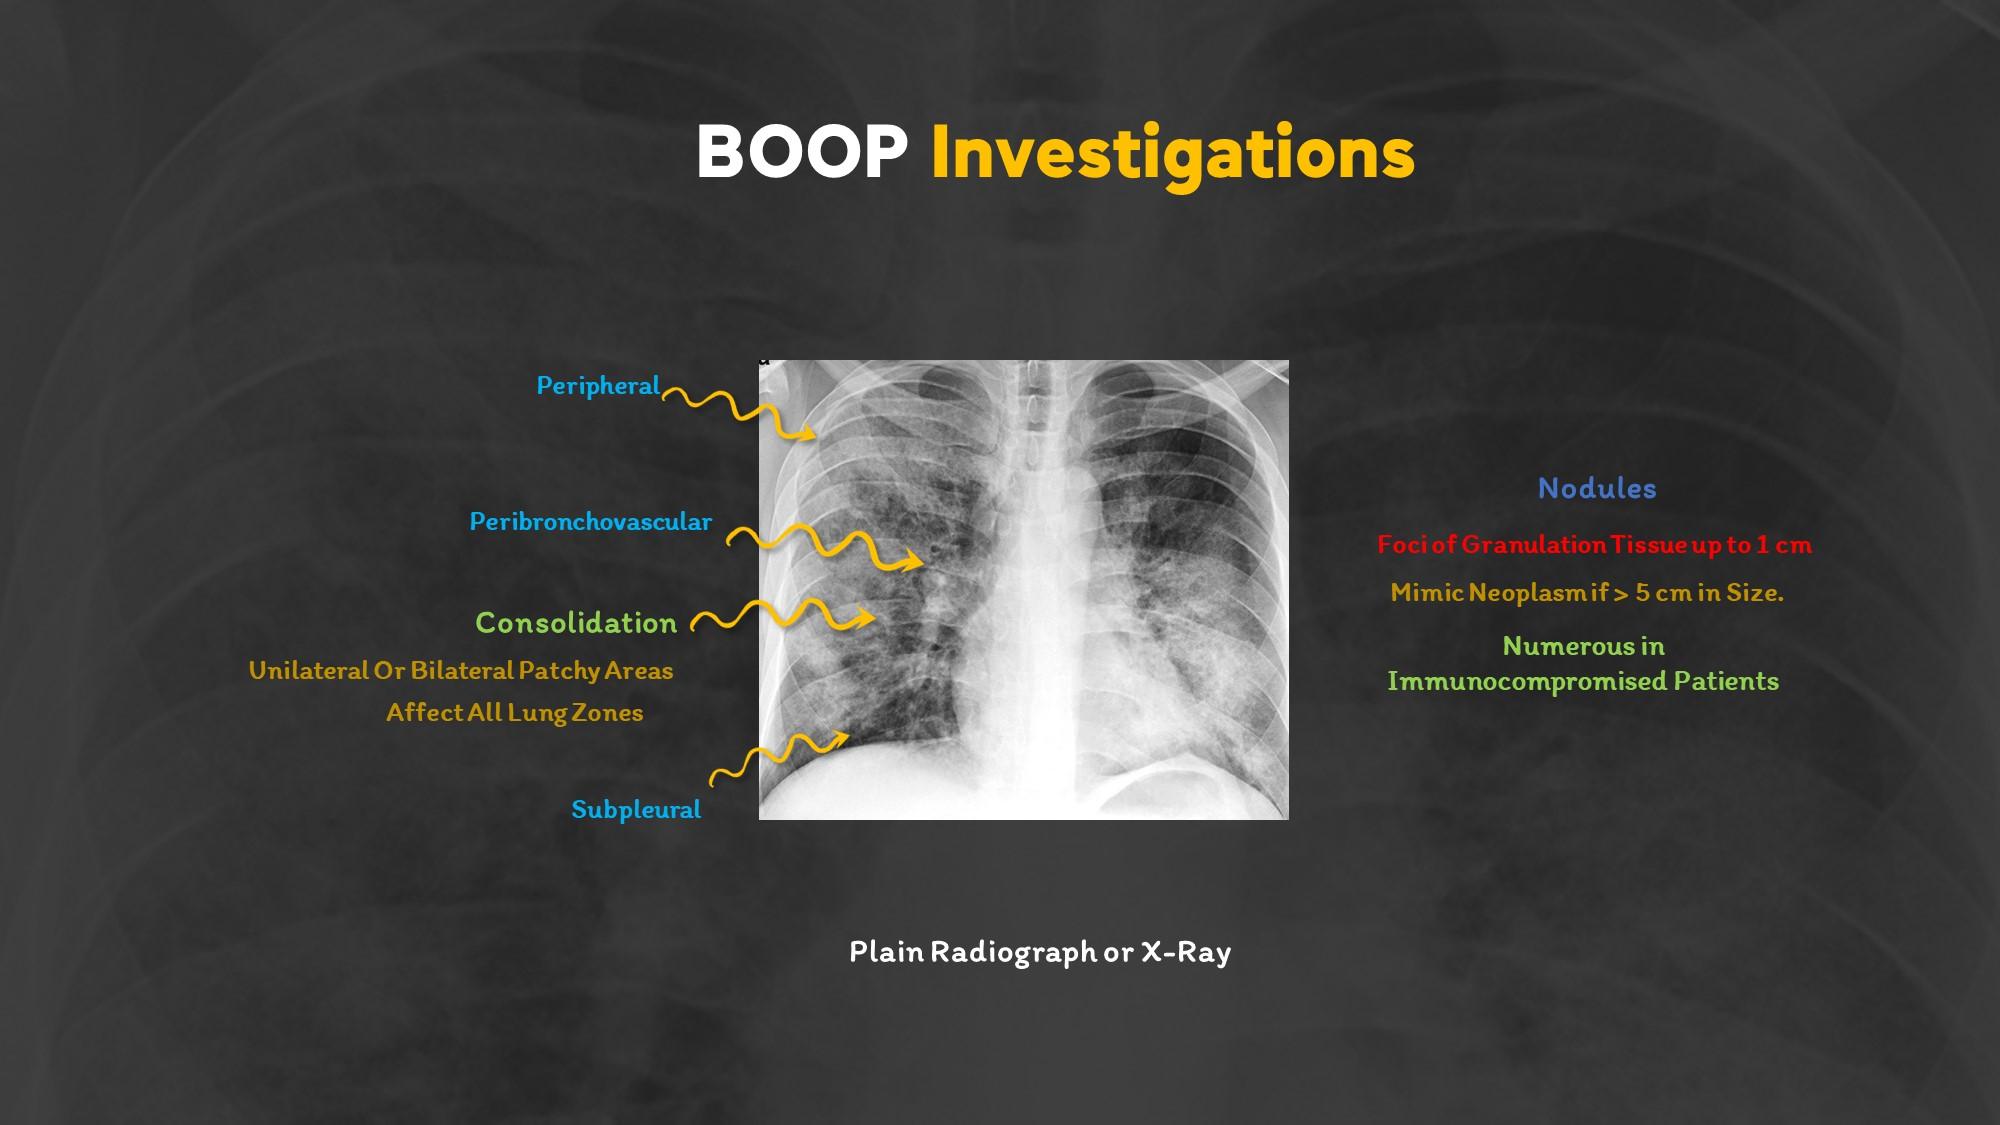 Bronchiolitis Obliterans Organizing Pneumonia (BOOP)